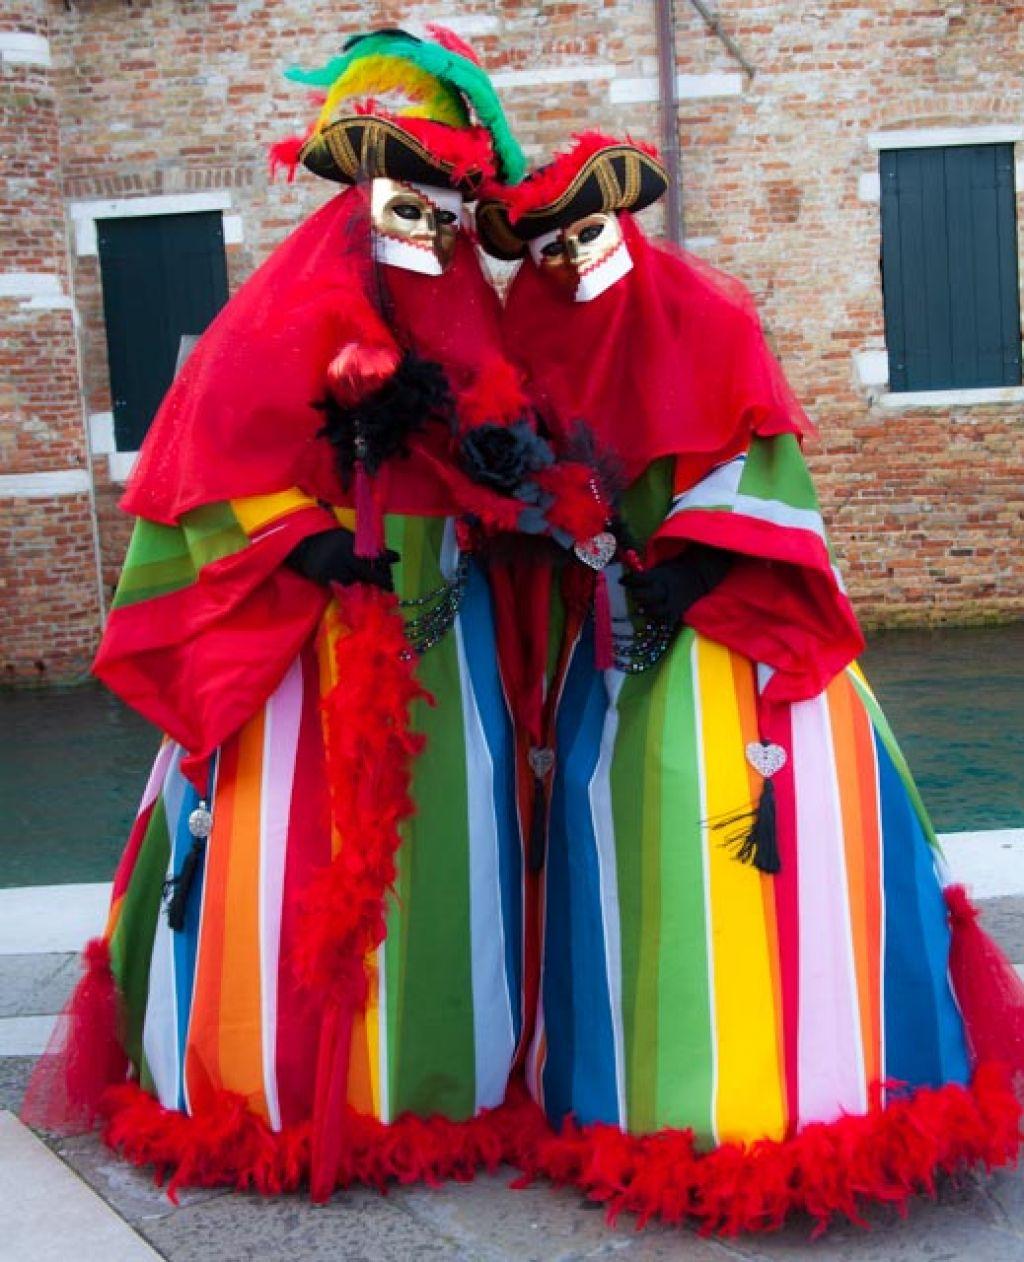 venice carnival13 Carnival Costumes at Santa Maria della Salute